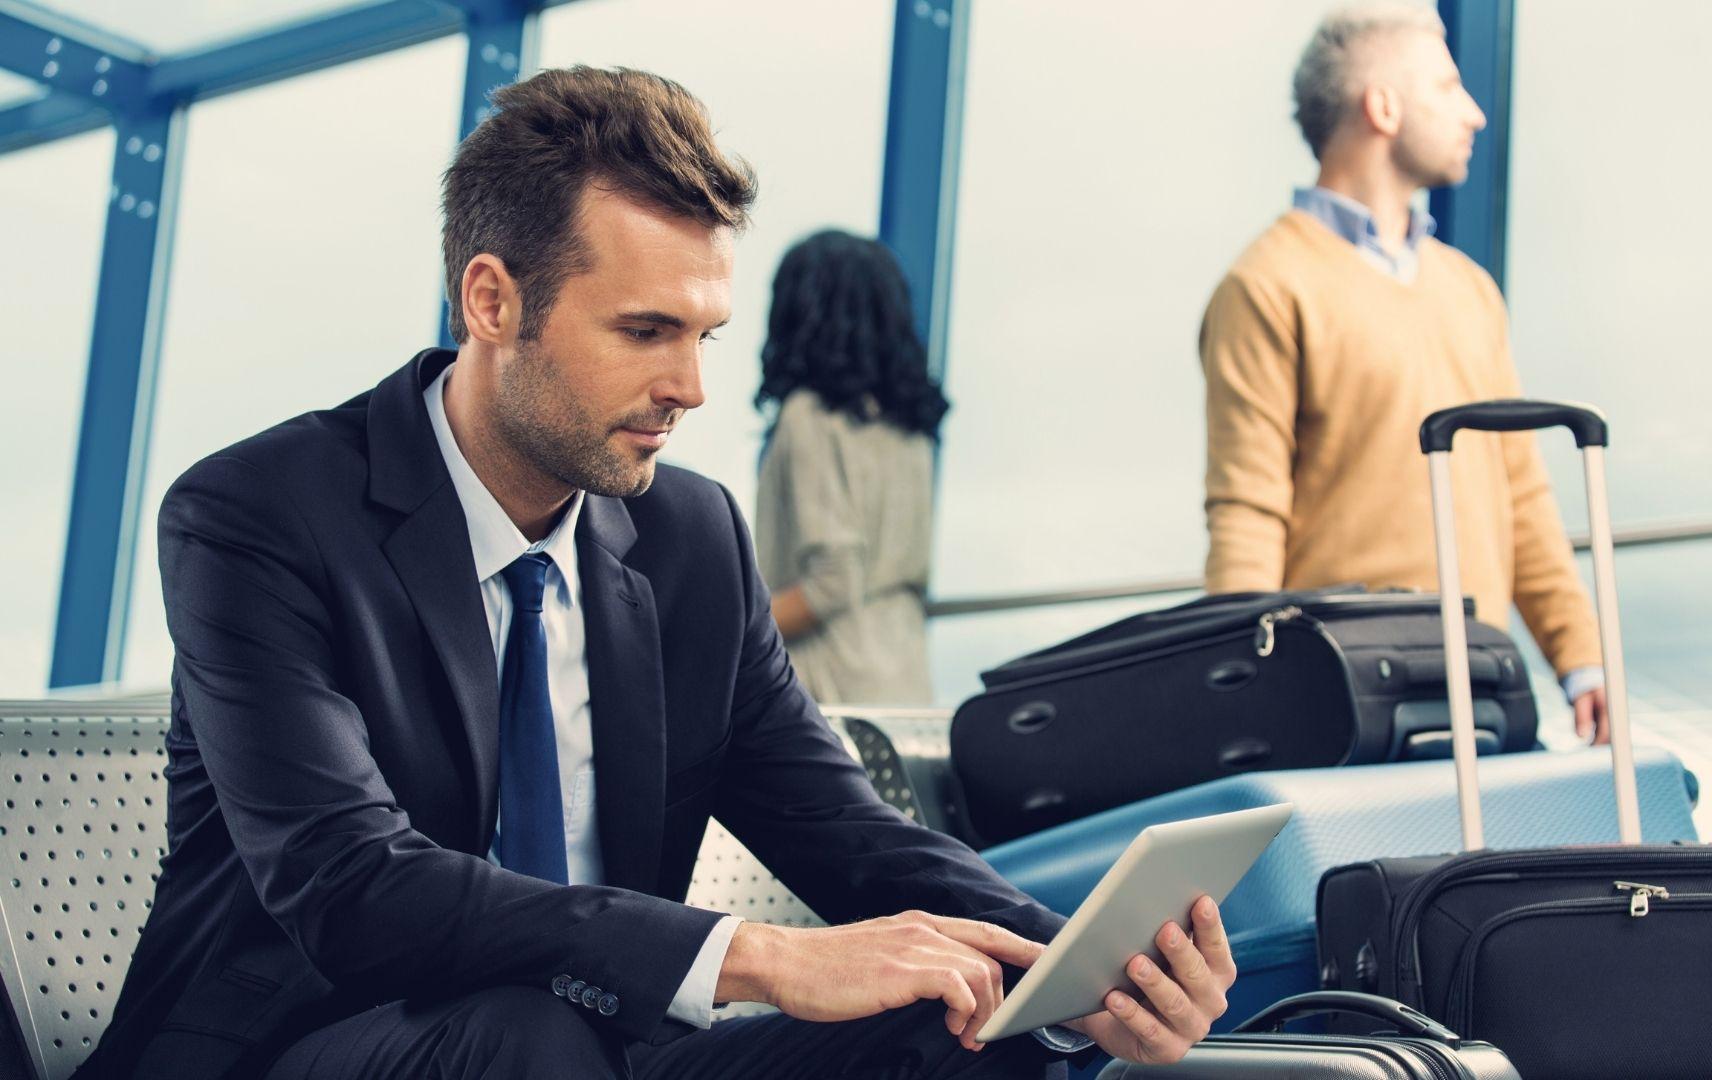 Business Mann sitzt am Flughafen mit Tablet